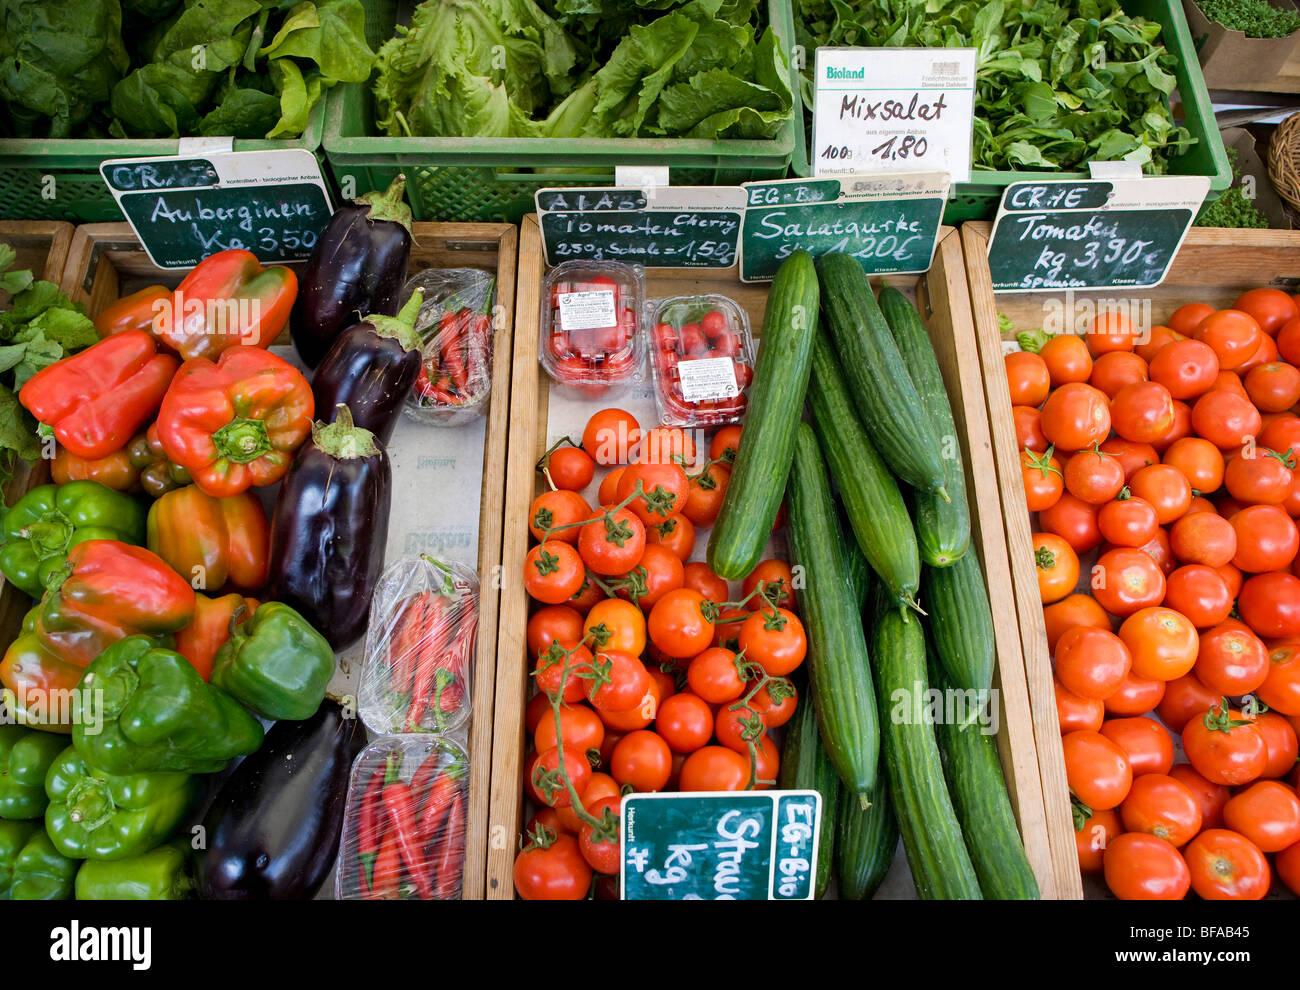 Gemüse auf einem Bauernmarkt. Berlin, Deutschland Stockbild